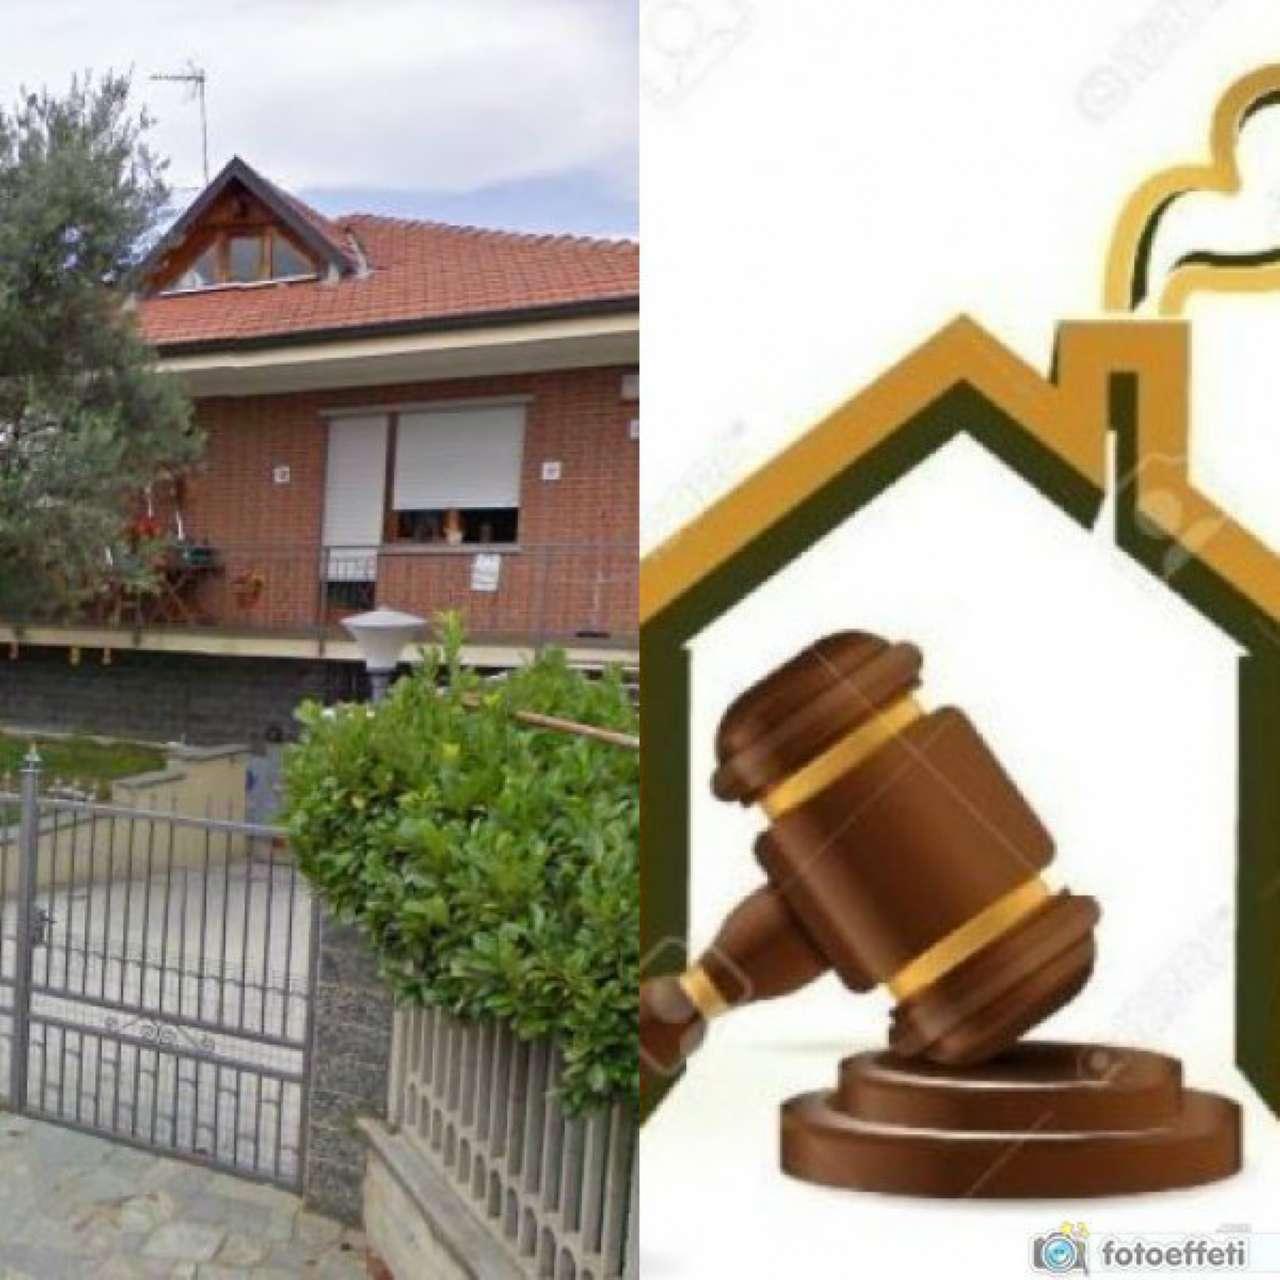 Villa in vendita a San Francesco al Campo, 9 locali, prezzo € 120.000 | Cambio Casa.it